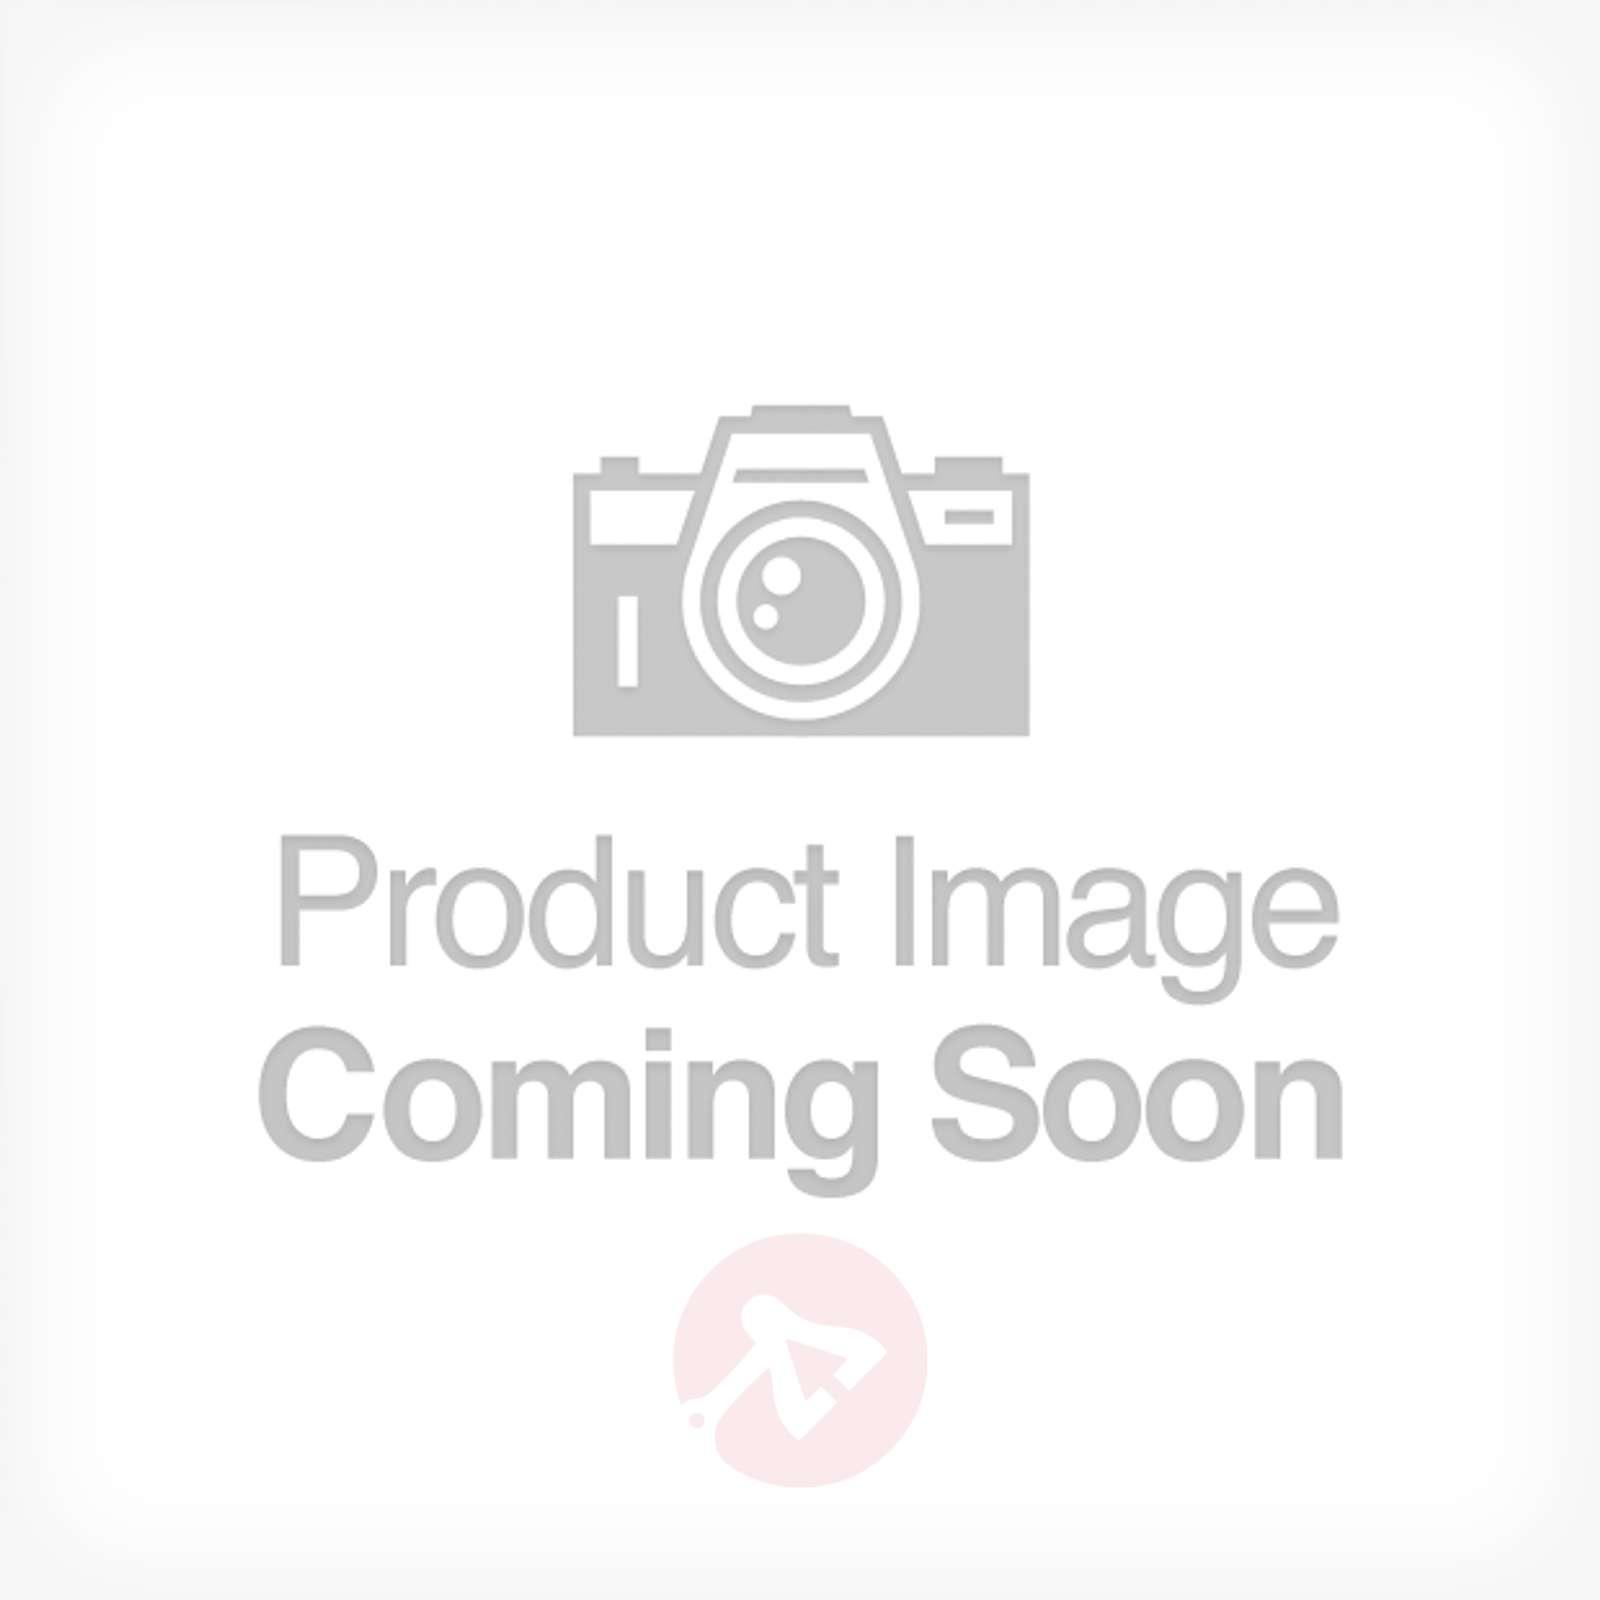 Klassinen EIFEL-seinäkohdevalaisin-1524067X-01